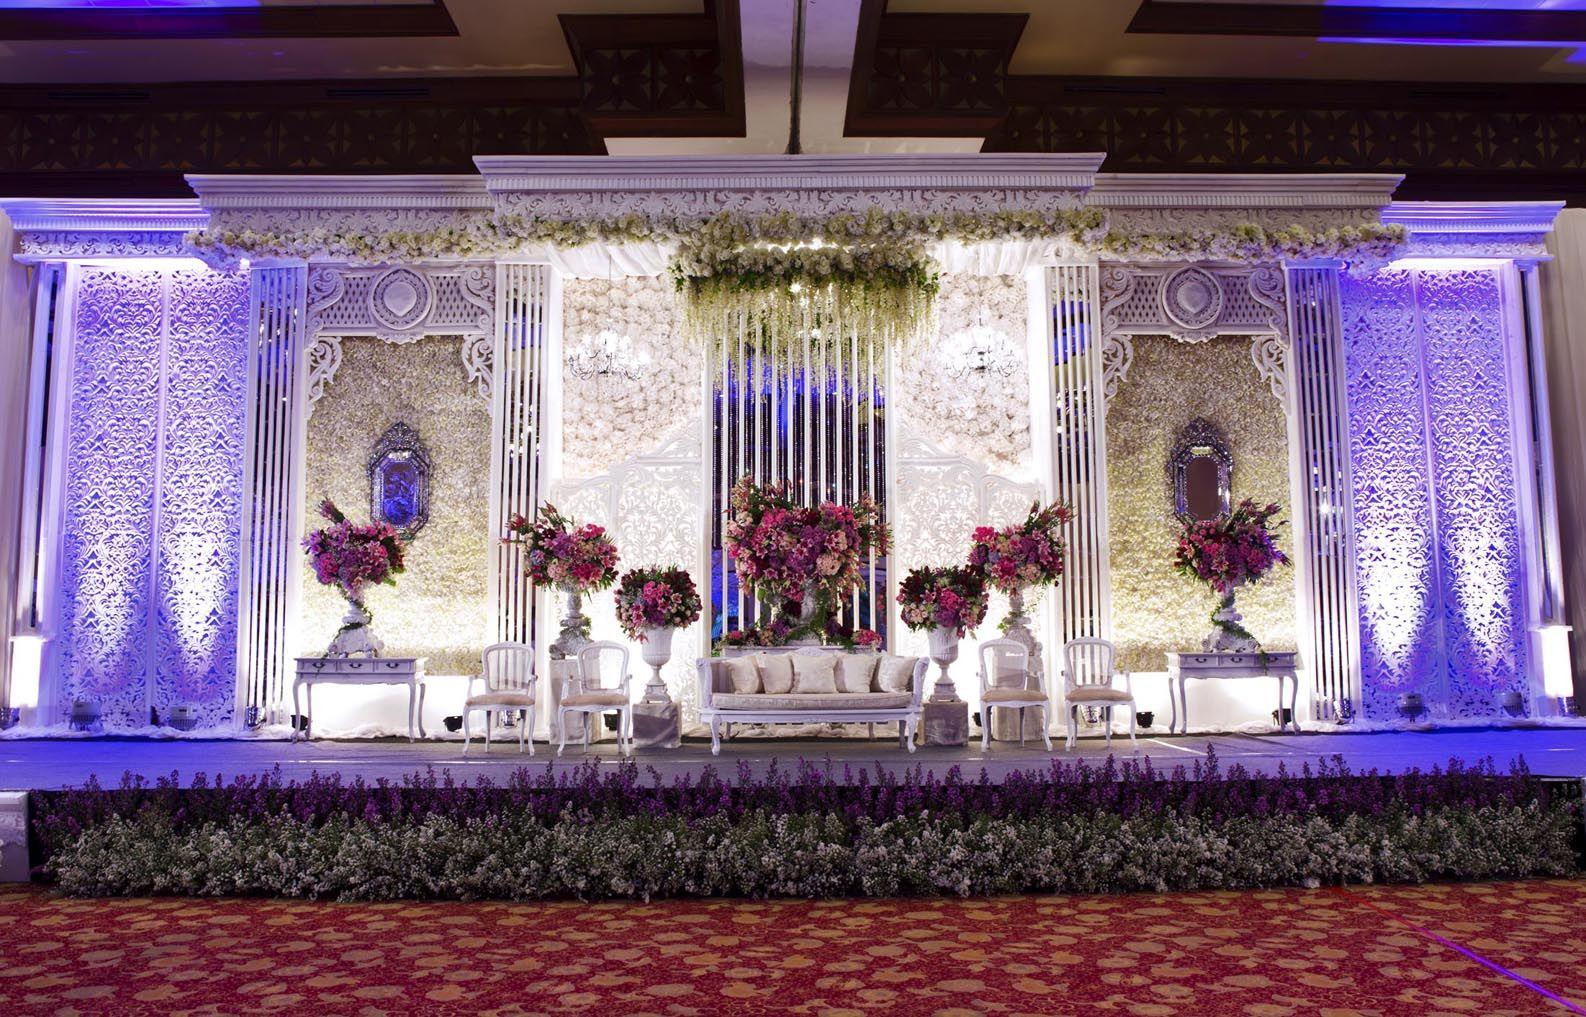 Mawarprada dekorasi pernikahan pelaminan wedding decoration mawarprada dekorasi pernikahan pelaminan wedding decoration romantic purple junglespirit Image collections